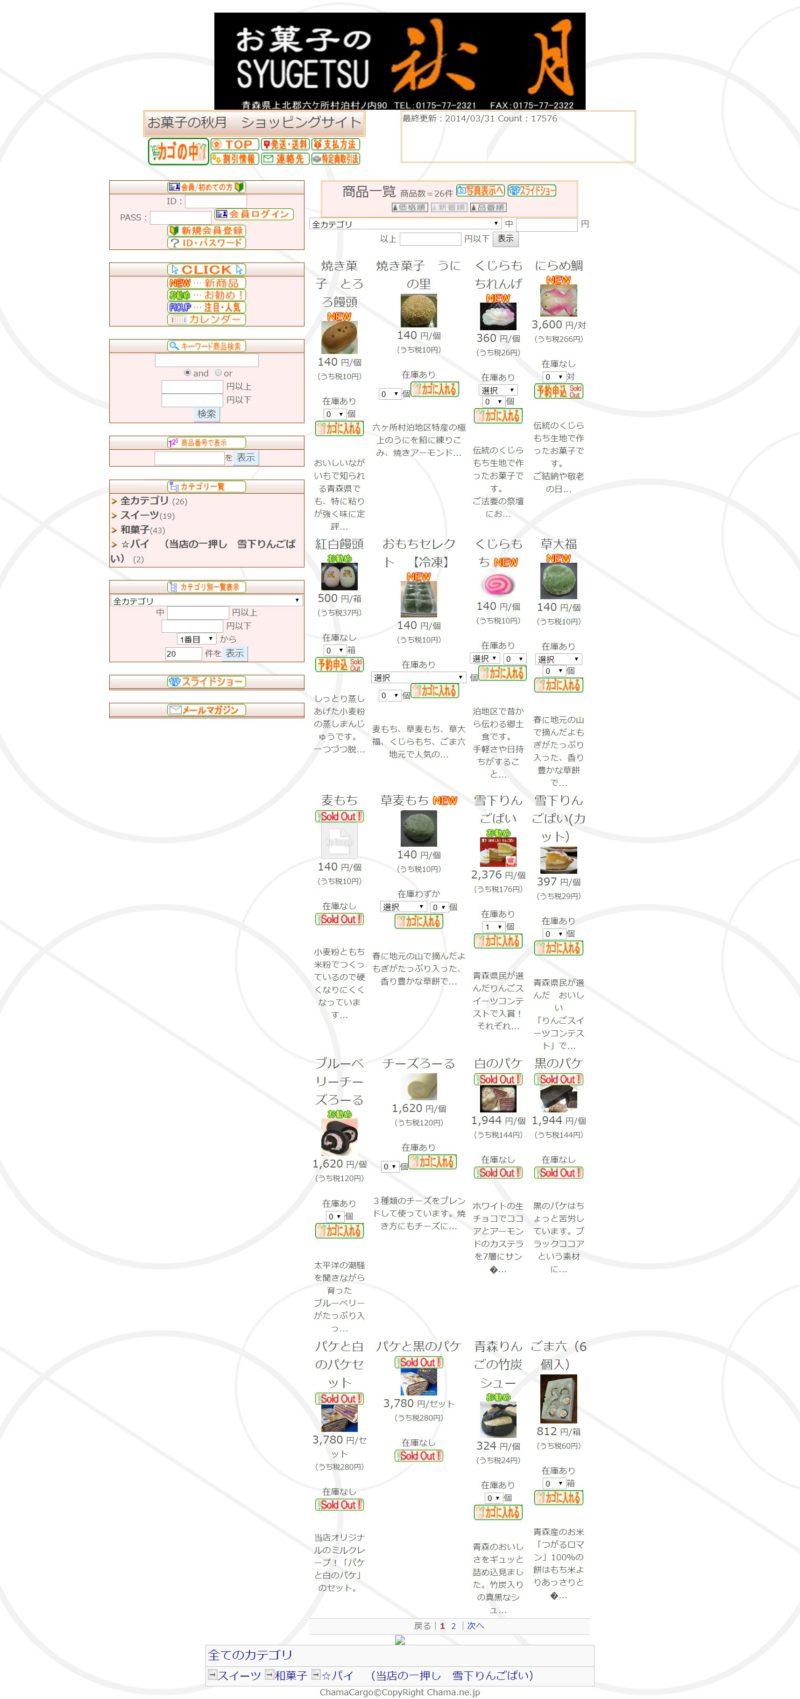 お菓子の秋月 ショッピングサイト